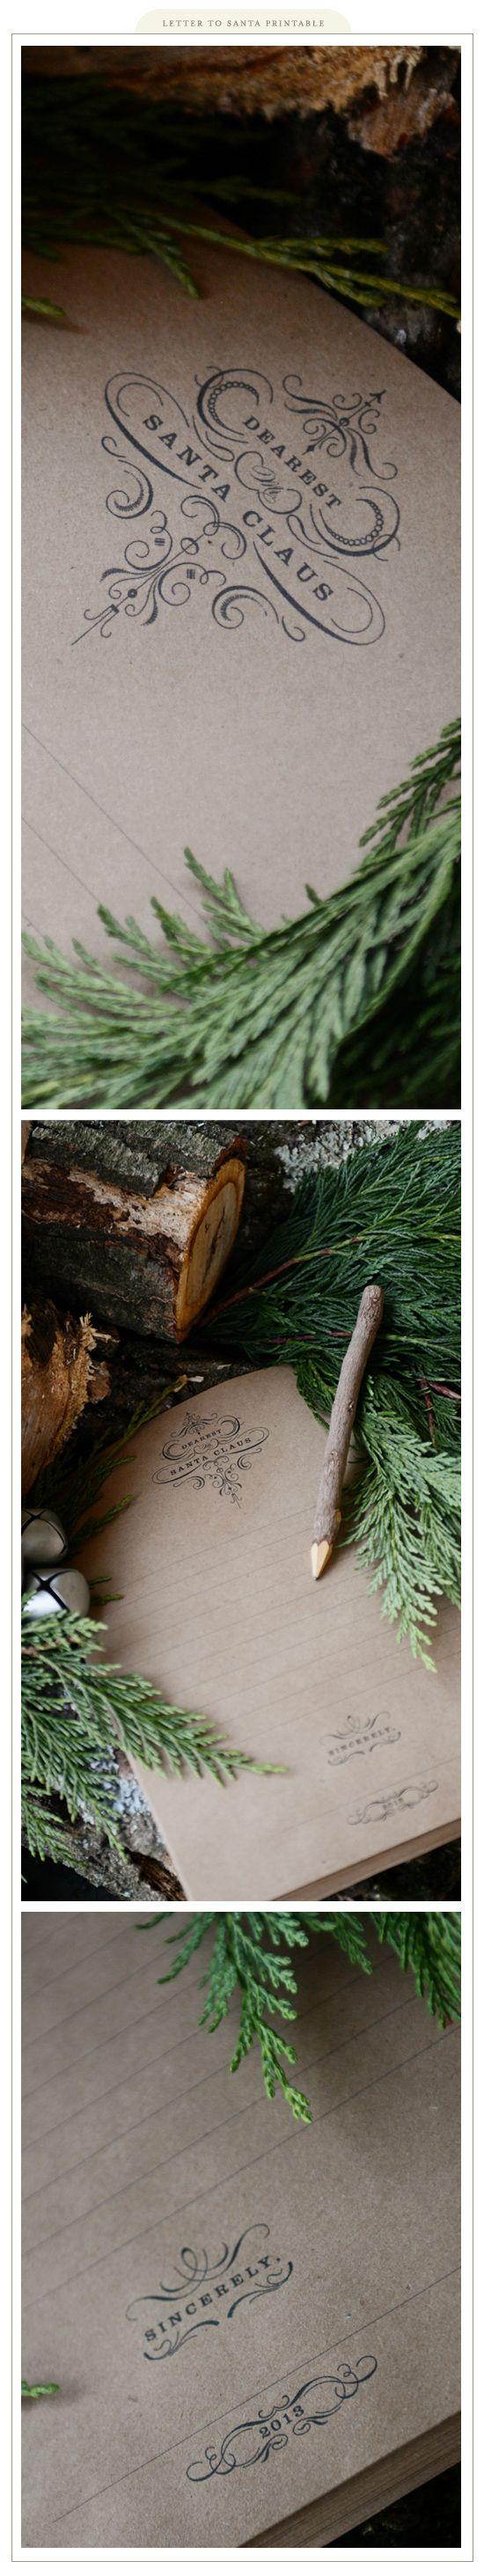 Imprimible: carta a Papa Noel de estilo elegante >> Letter to Santa Printable